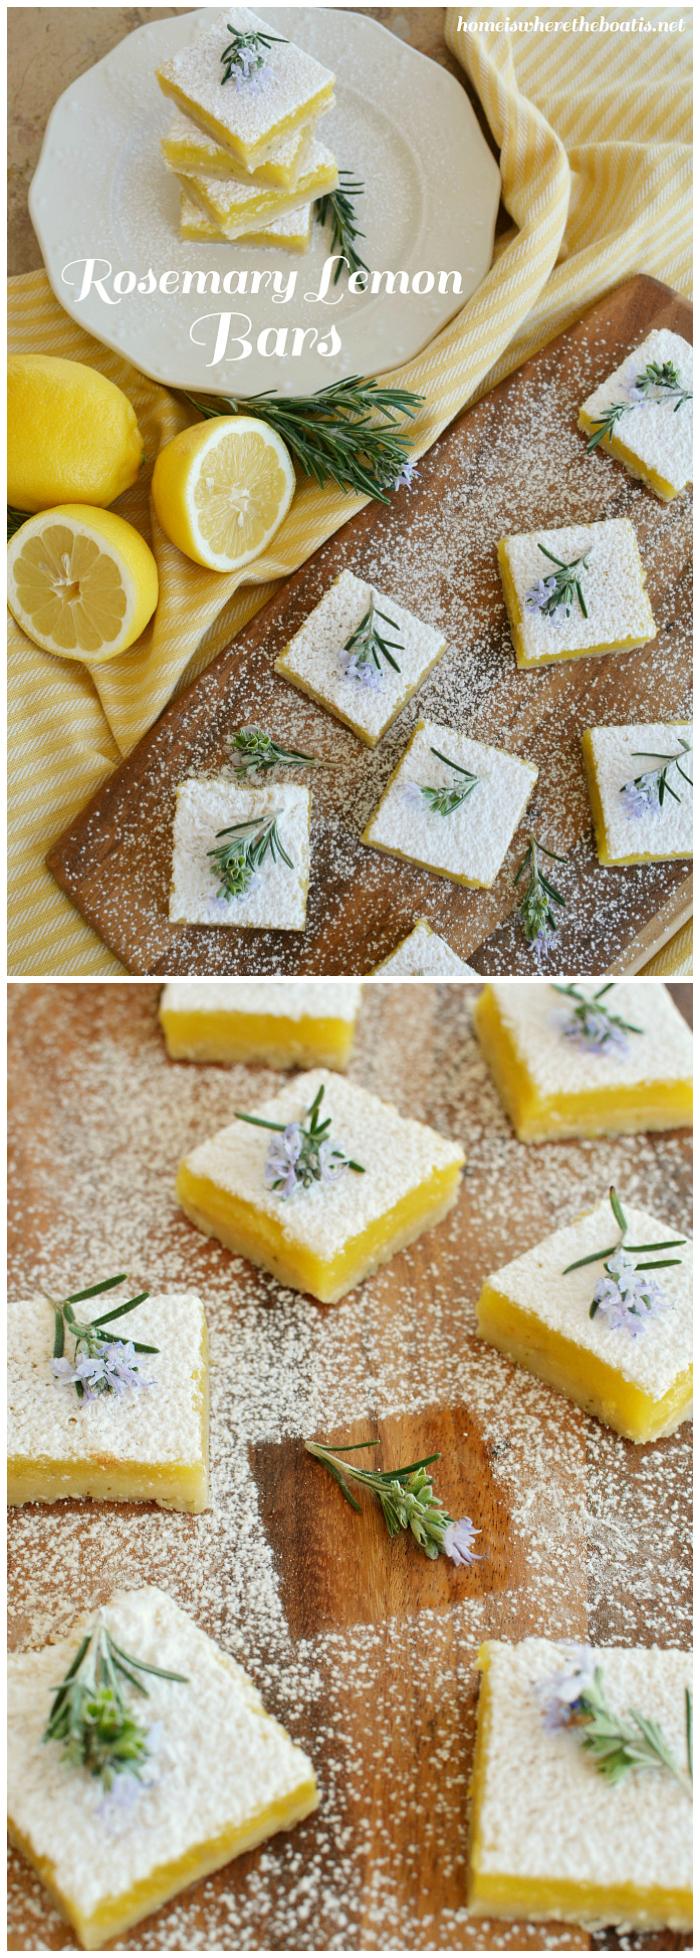 A Match Made in Heaven: Rosemary Lemon Bars | ©homeiswheretheboatis.net #lemon #dessert #bars #recipes